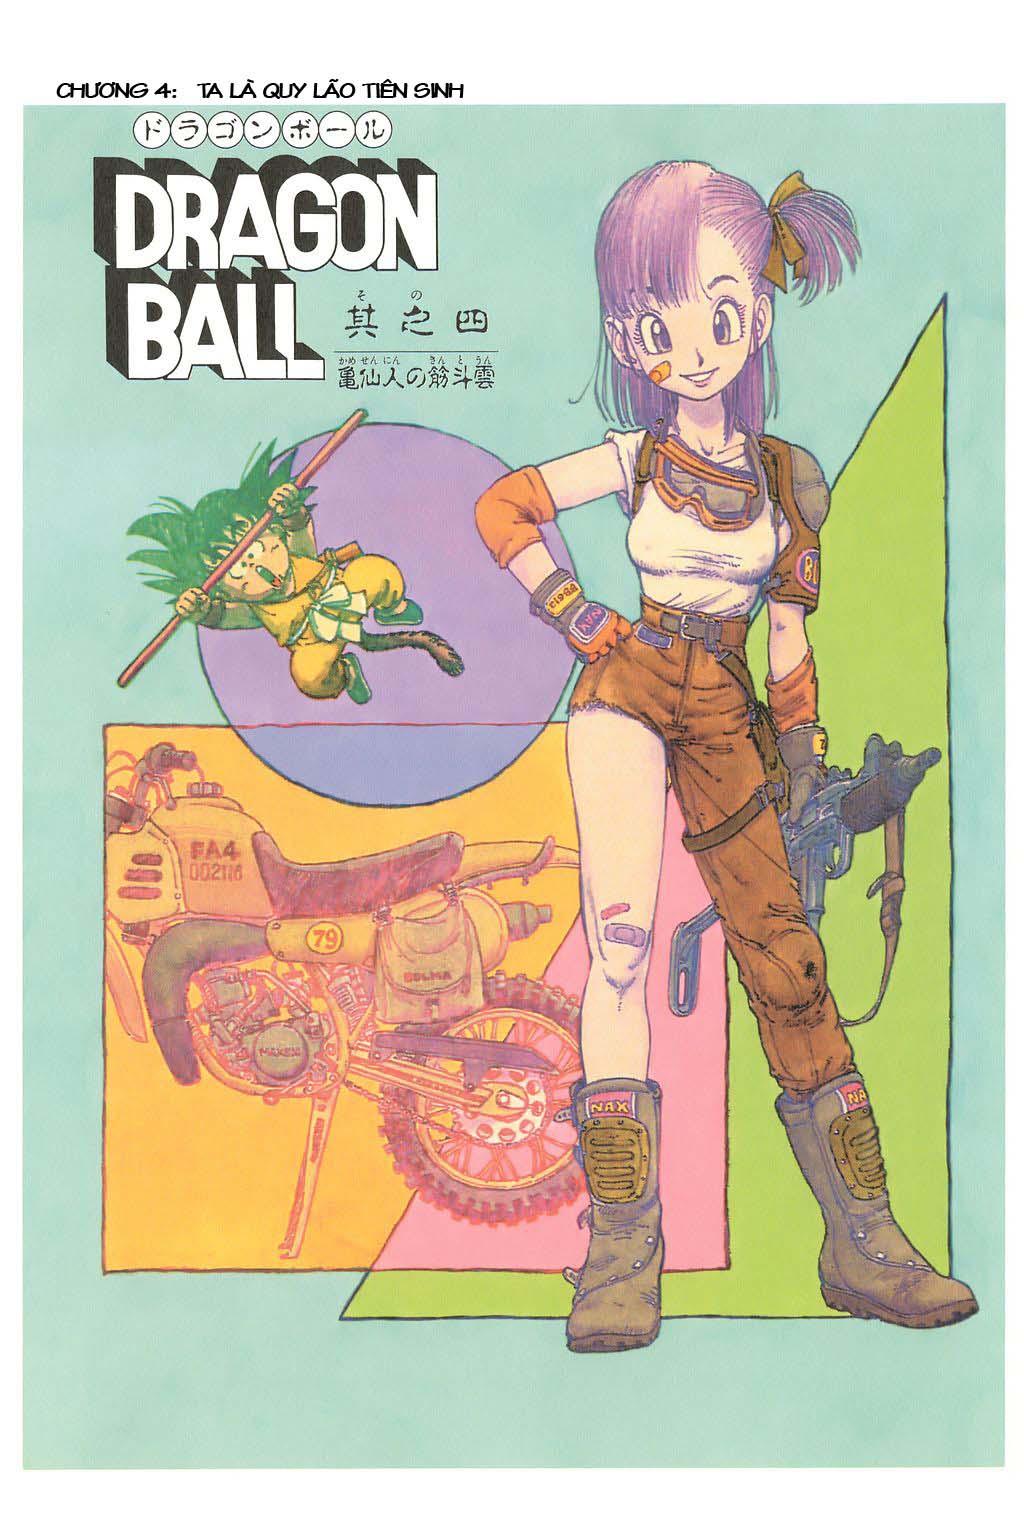 xem truyen moi - Dragon Ball Bản Vip - Bản Đẹp Nguyên Gốc Chap 4